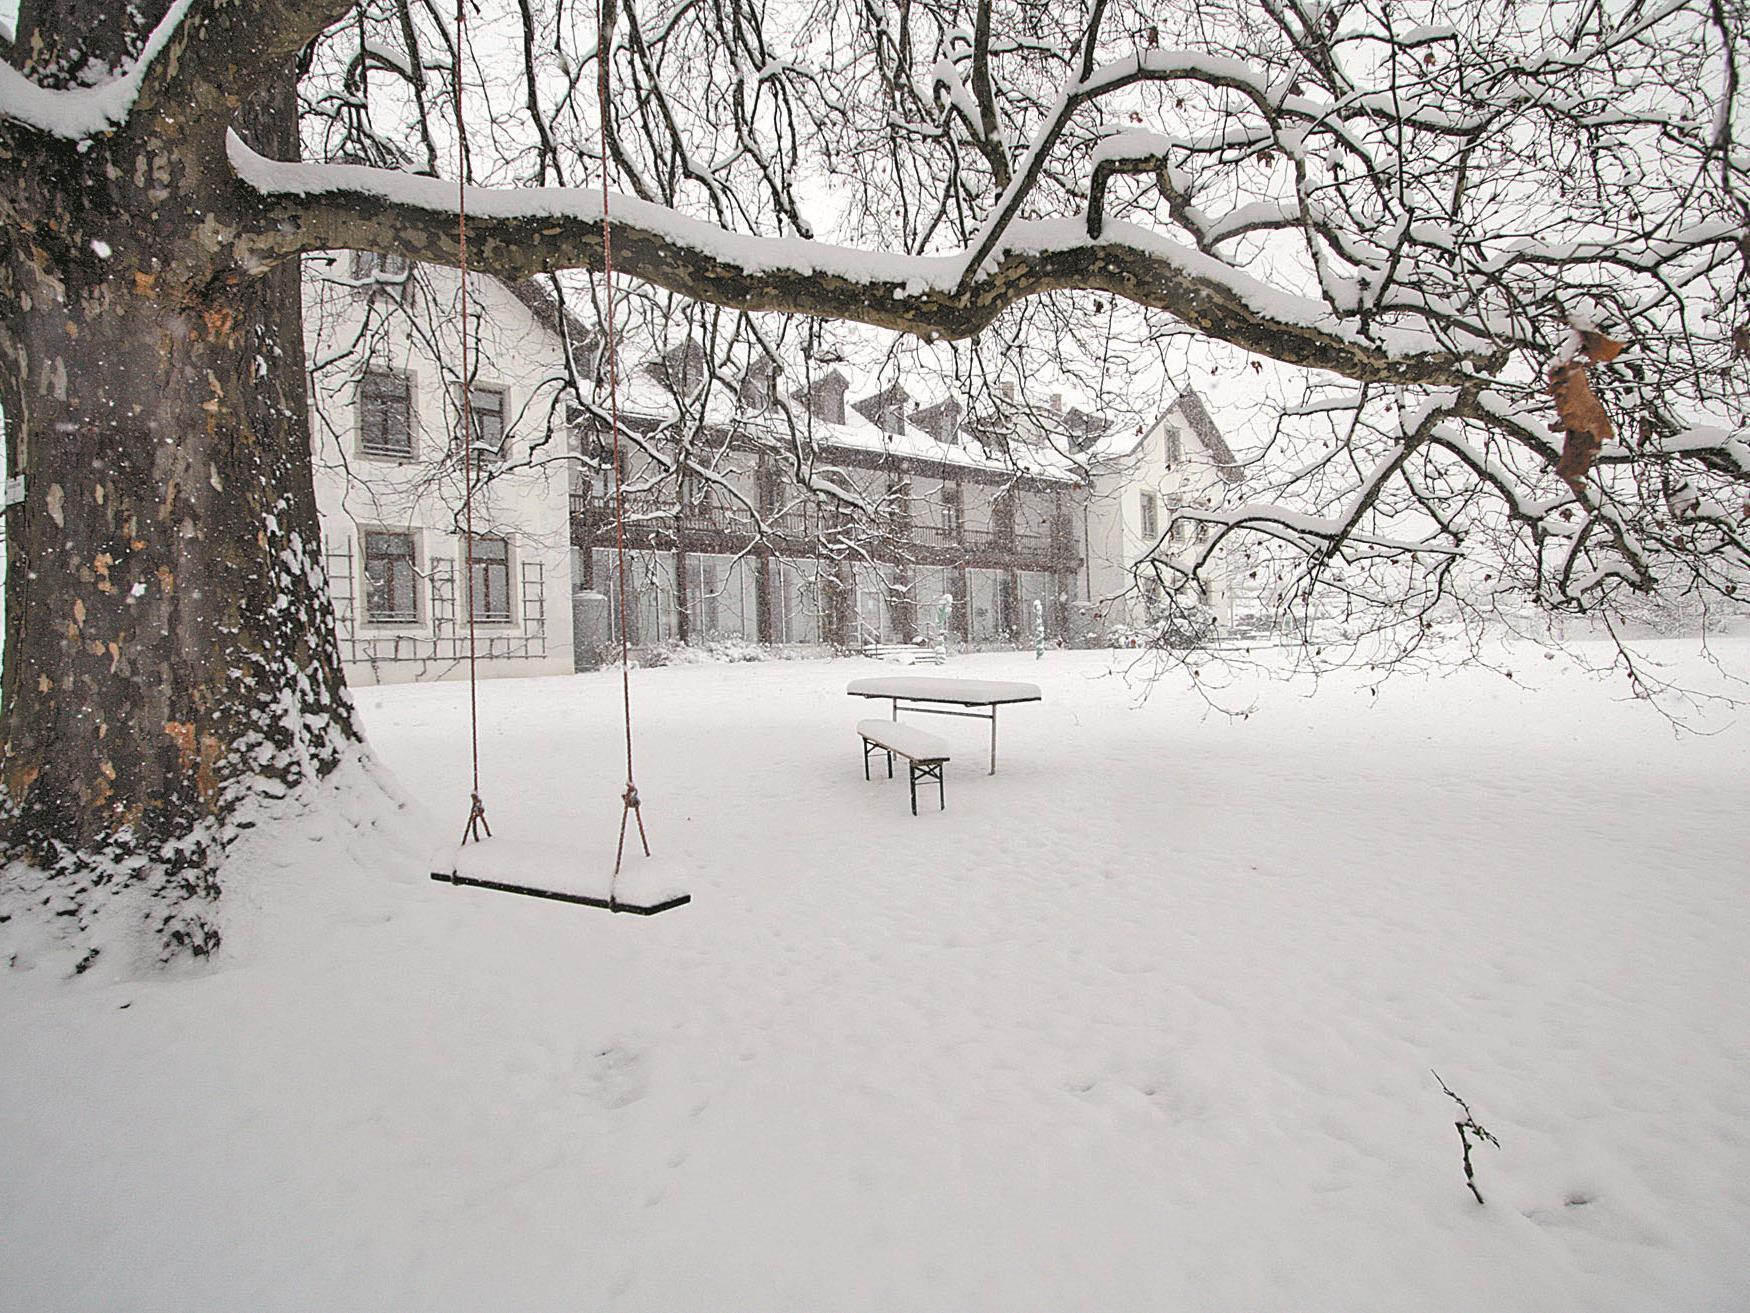 Landschaftliches Idyll am Blasenberg. Das ehemalige Sommerhaus der Jesuiten wurde bereits in den 1980er- Jahren zu einer Therapiestation für Drogenarbeit umgebaut.